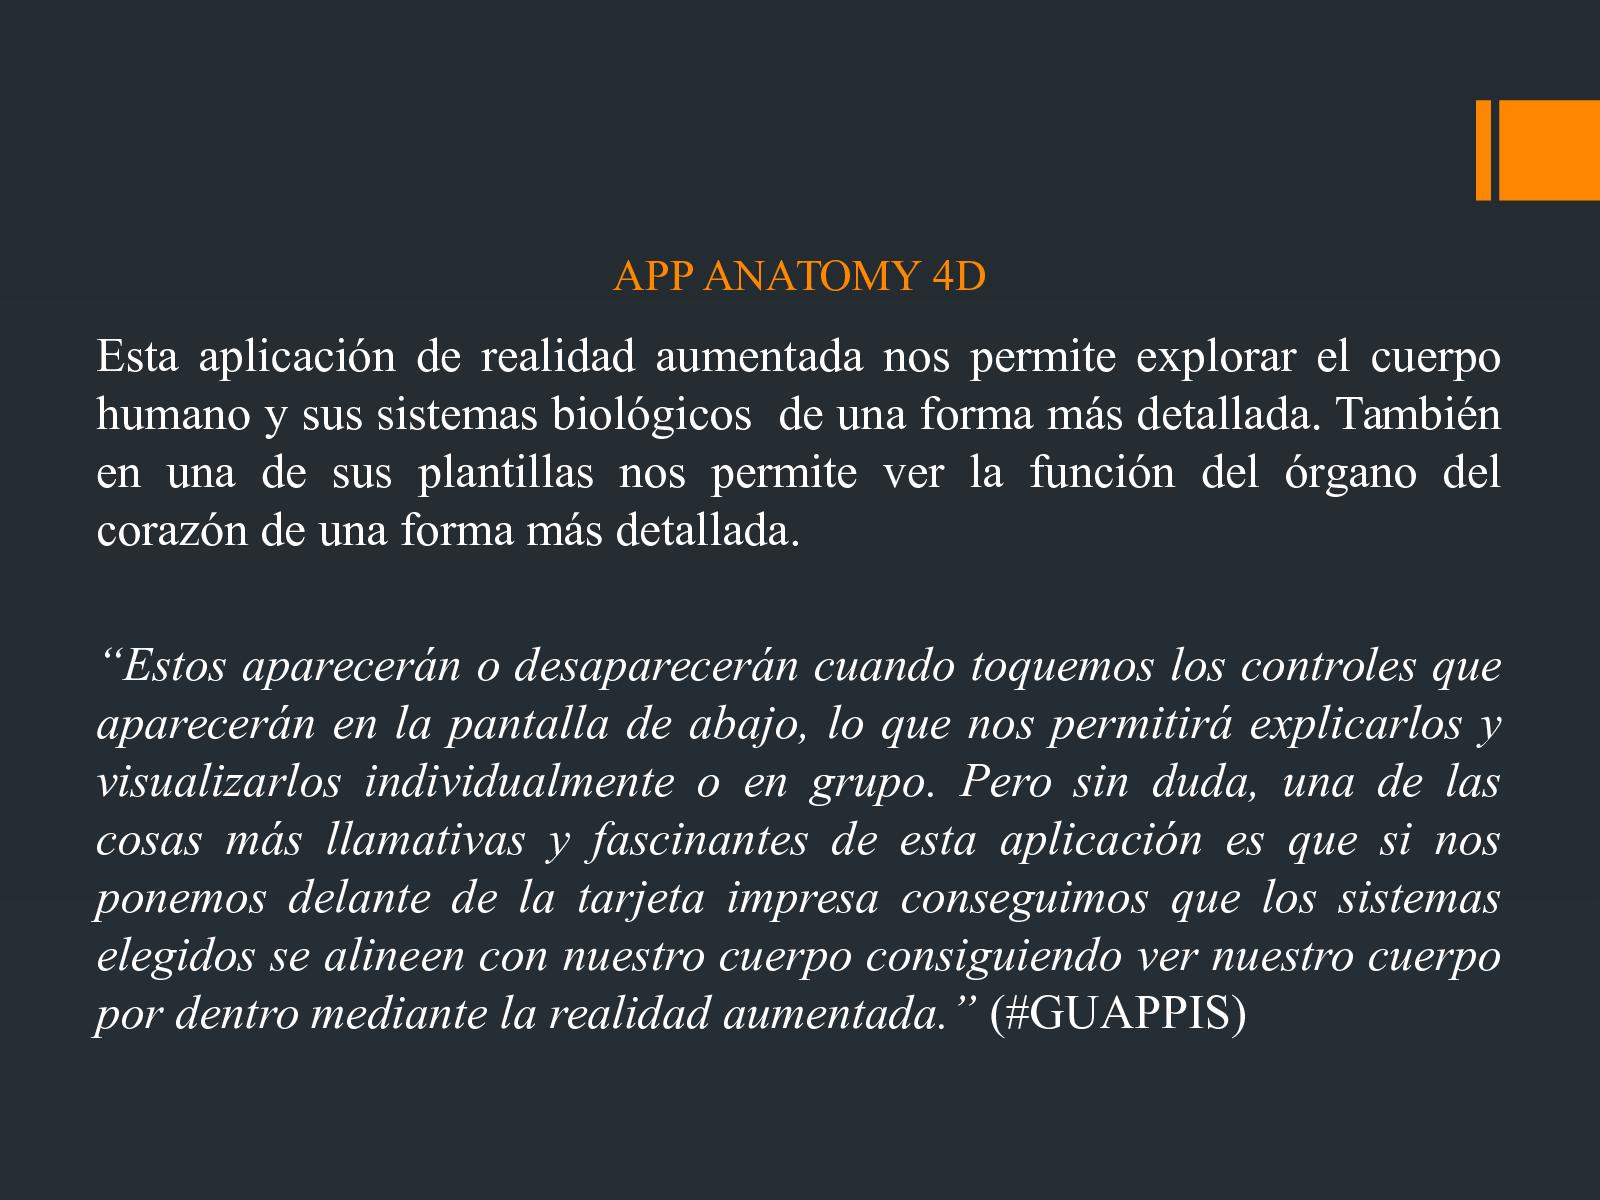 Calaméo - APP ANATOMY 4D